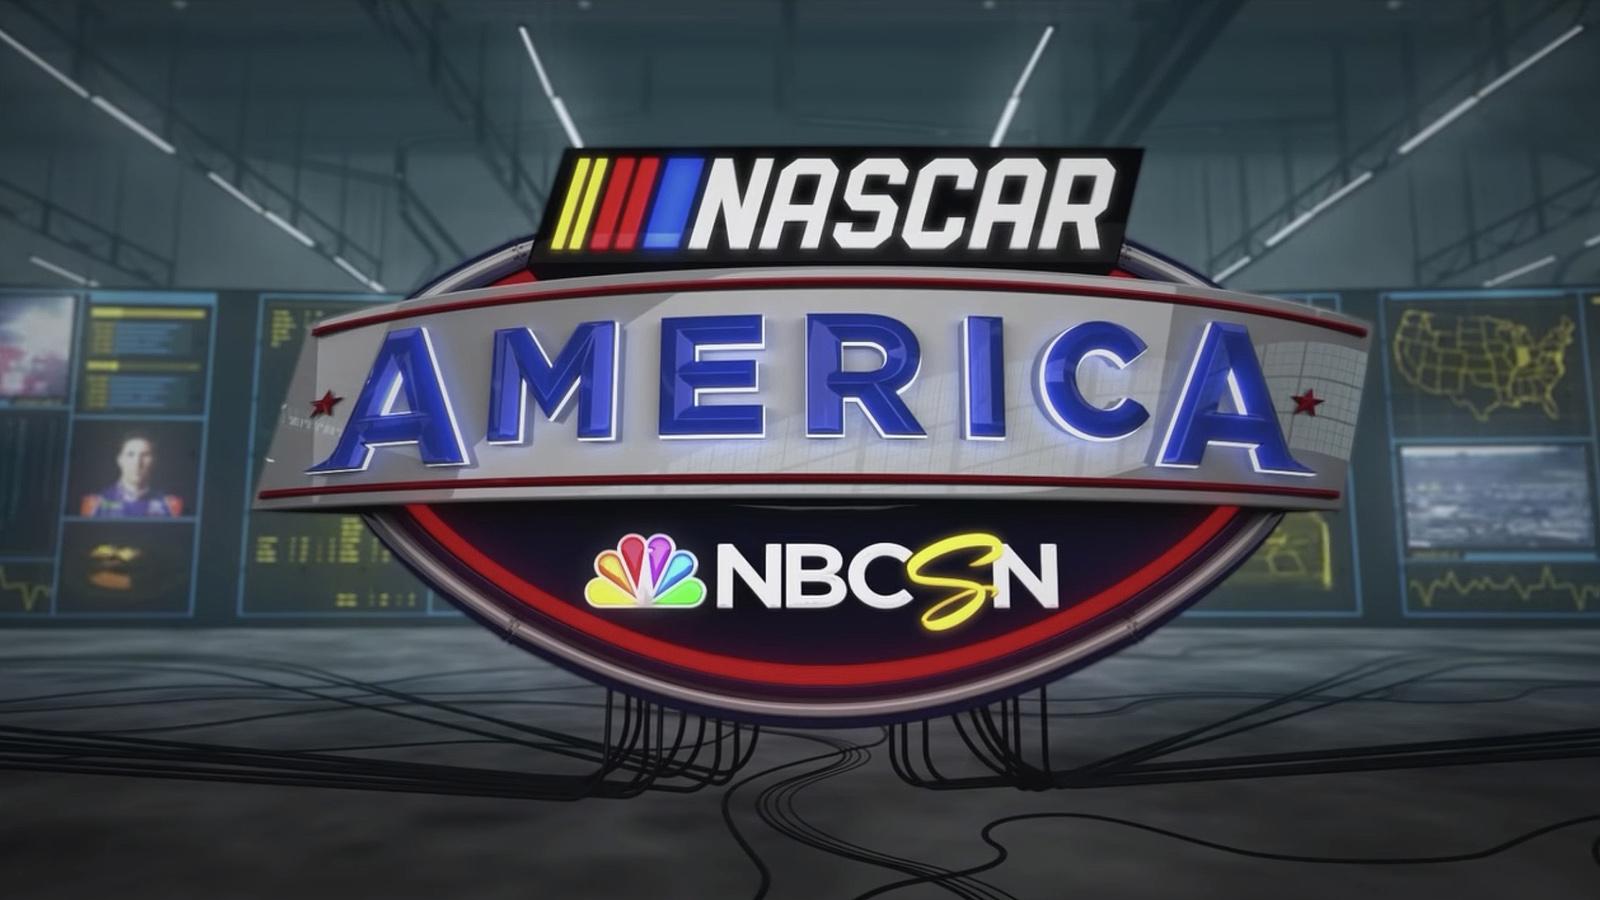 NCS_NASCAR-America-NBCSN_015